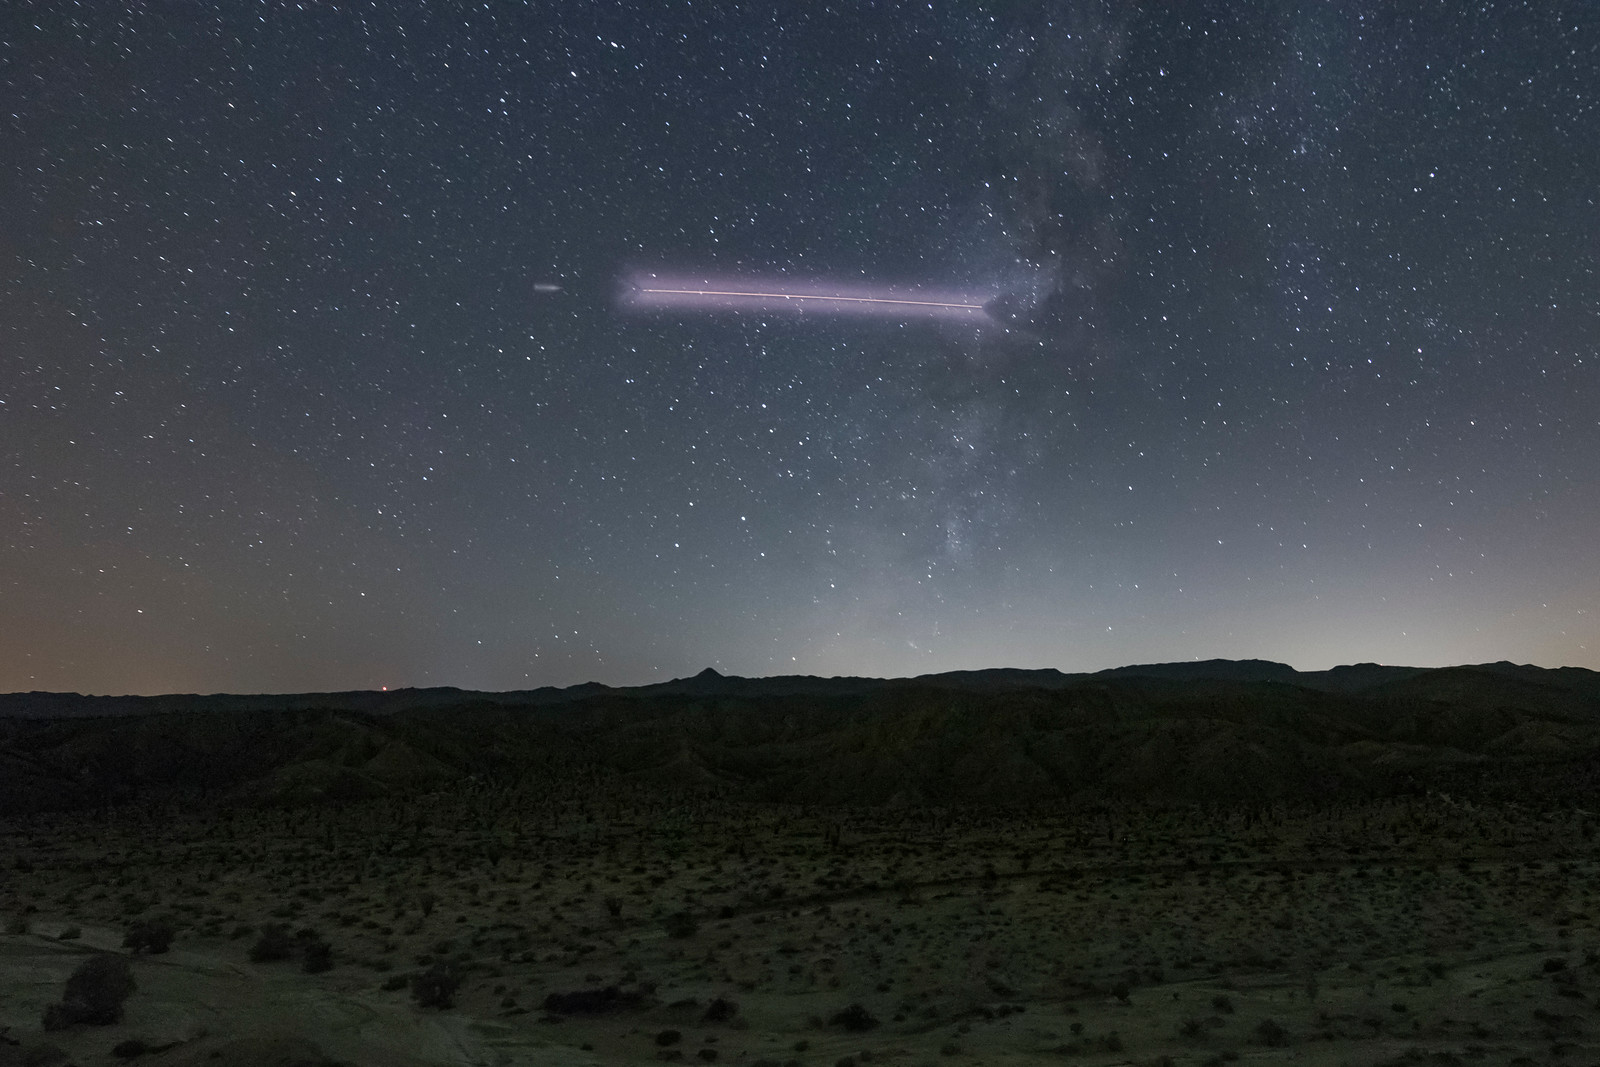 Vandenberg Air Force Base NROL-42 Atlas 5 Rocket Flies Through the Milky Way